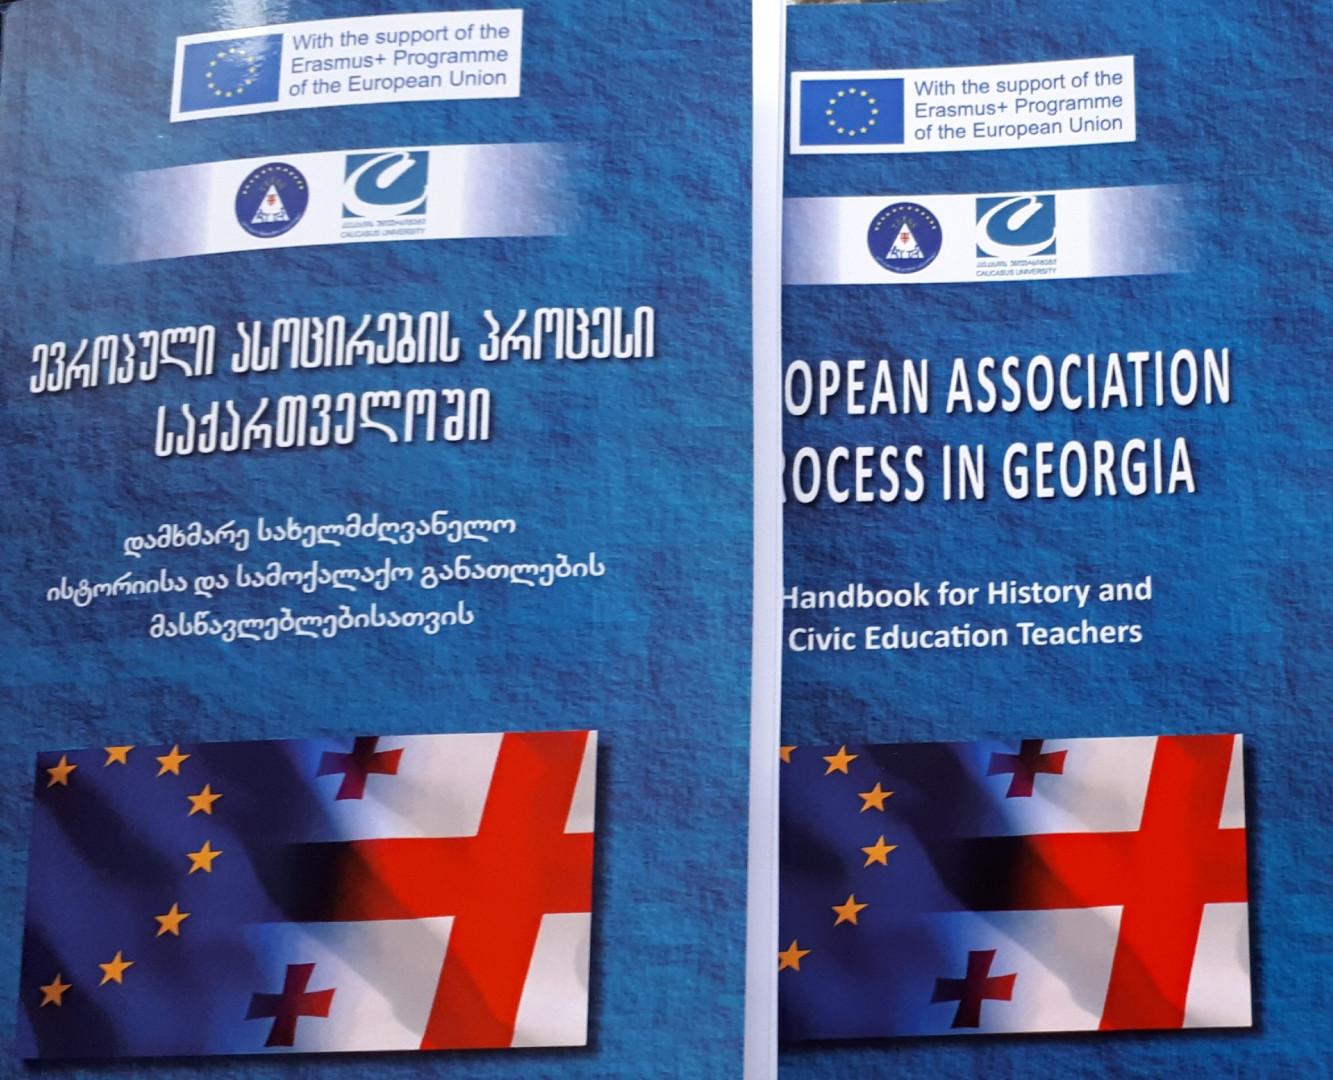 ევროპული ასოცირების პროცესი საქართველოში - დამხმარე სახელმძღვანელო ისტორიისა და სამოქალაქო განათლების მასწავლებელთათვის